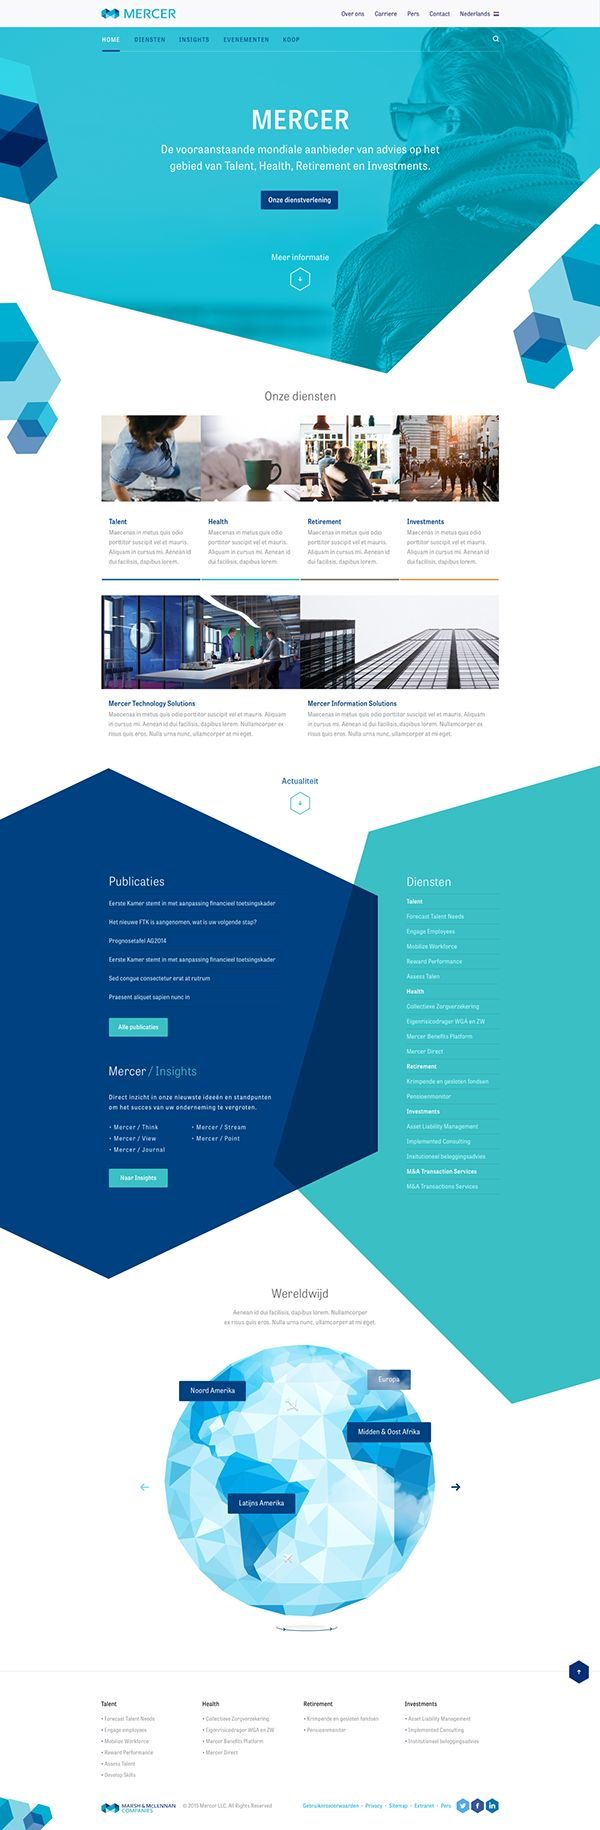 Mercer on Web Design Served